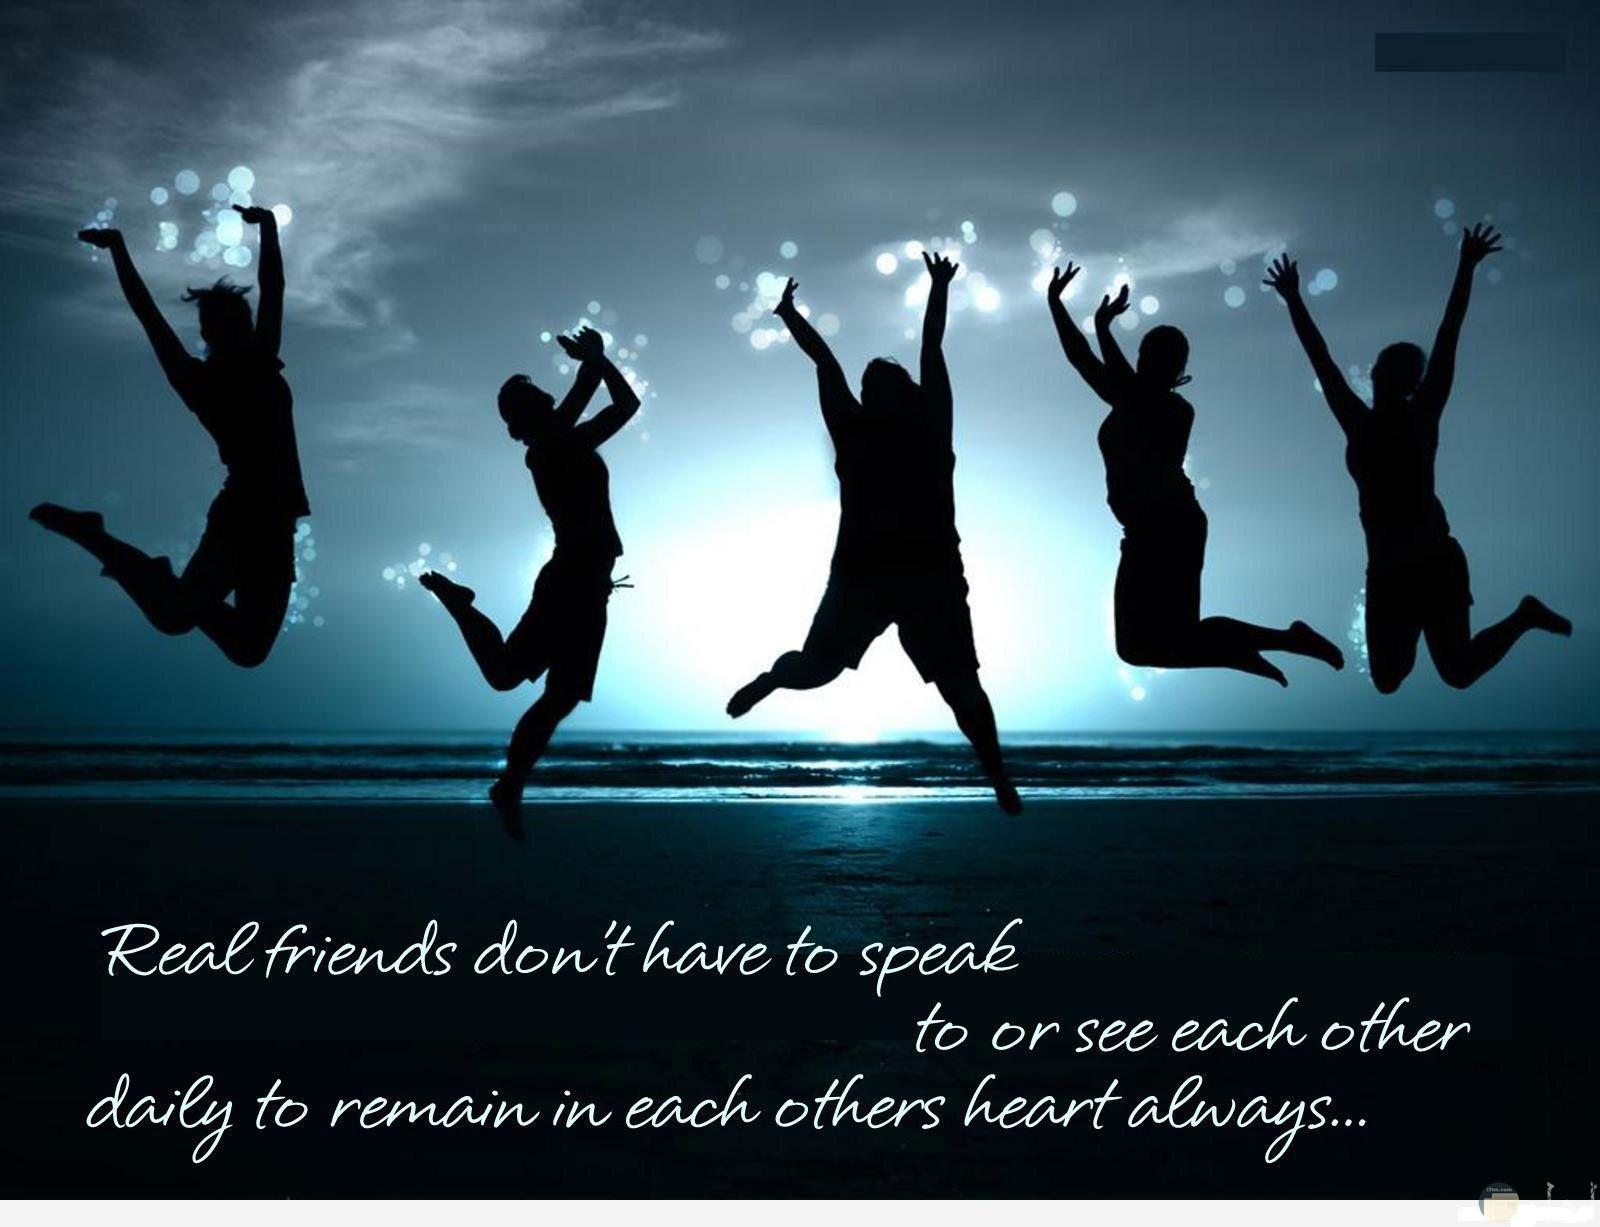 عبارات عن الصداقة بالإنجليزية.